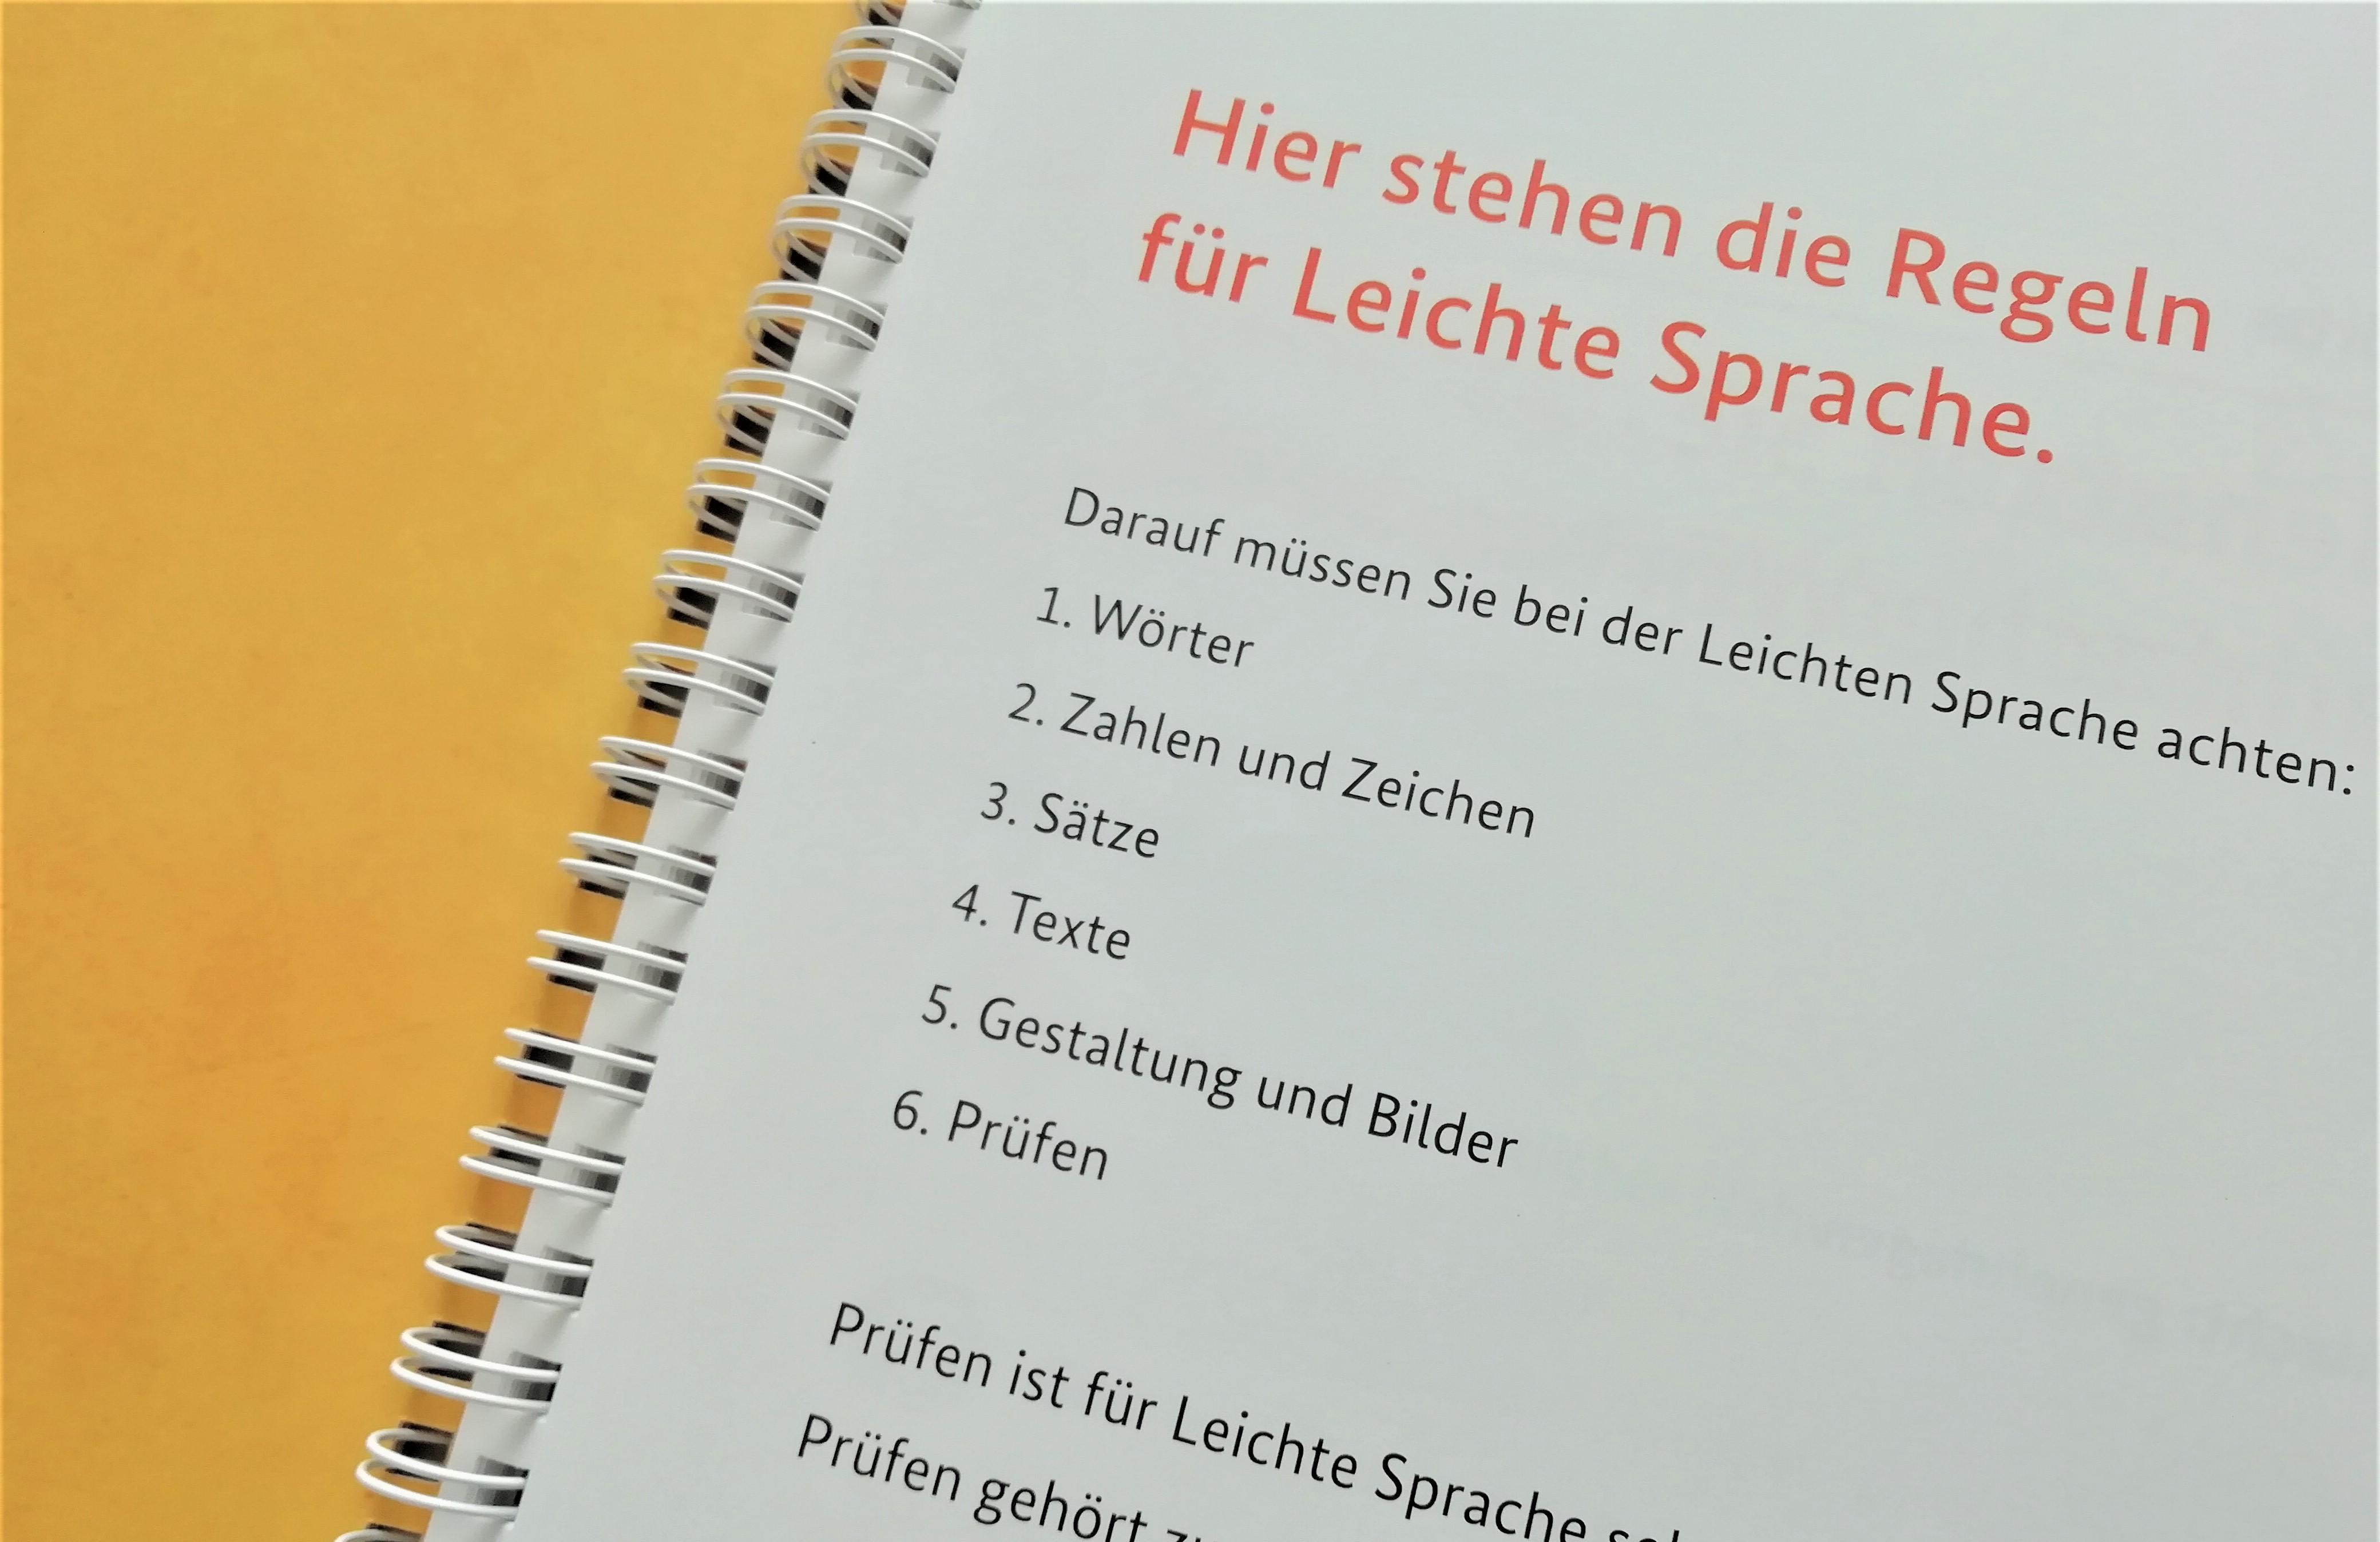 Das Foto zeigt eine Broschüre, aufgeschlagen. In der Überschrift steht: hier stehen die regeln für Leichte Sprache. Danach folgt erklärender Text.